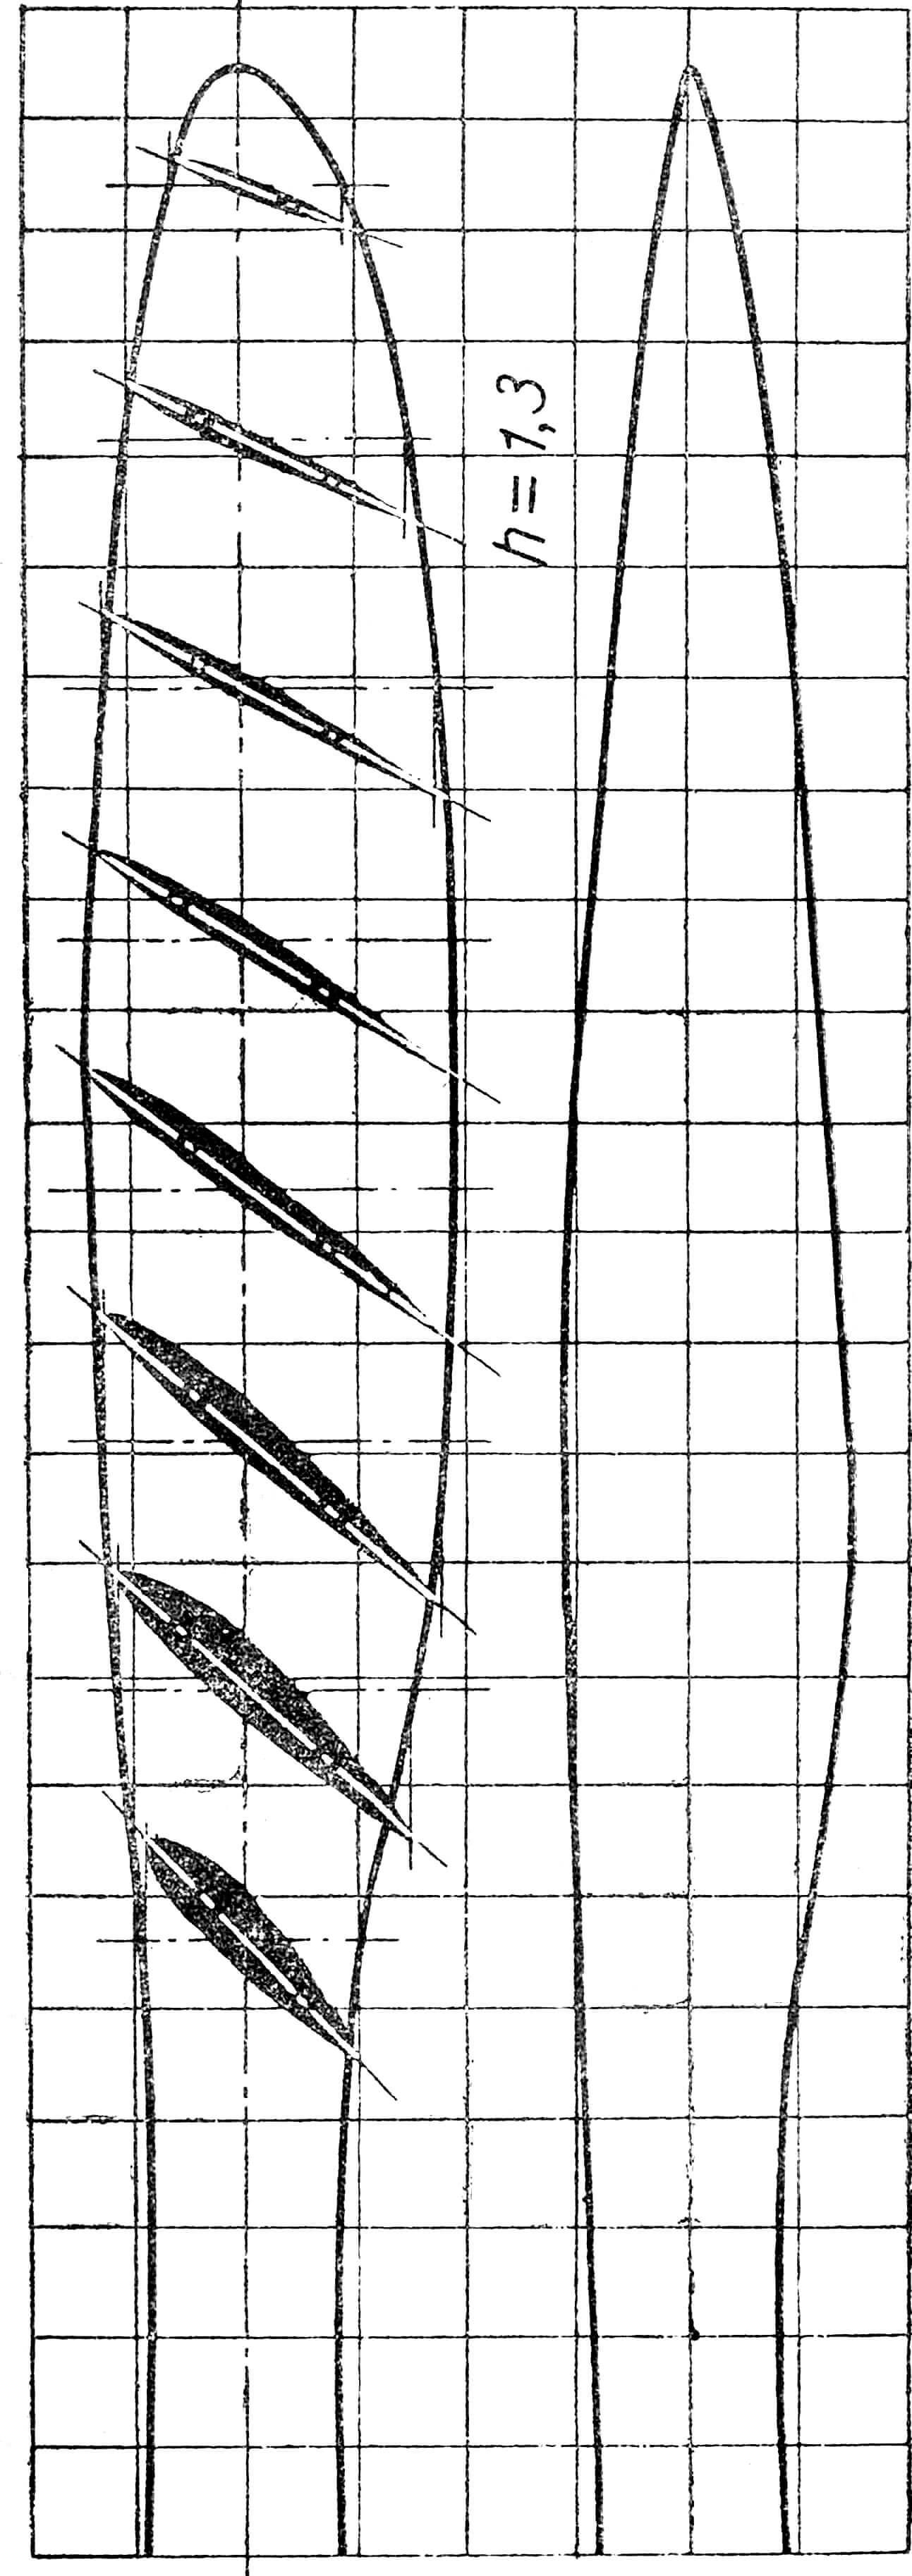 Рис. 5. Чертеж лопасти трехлопастного винта.